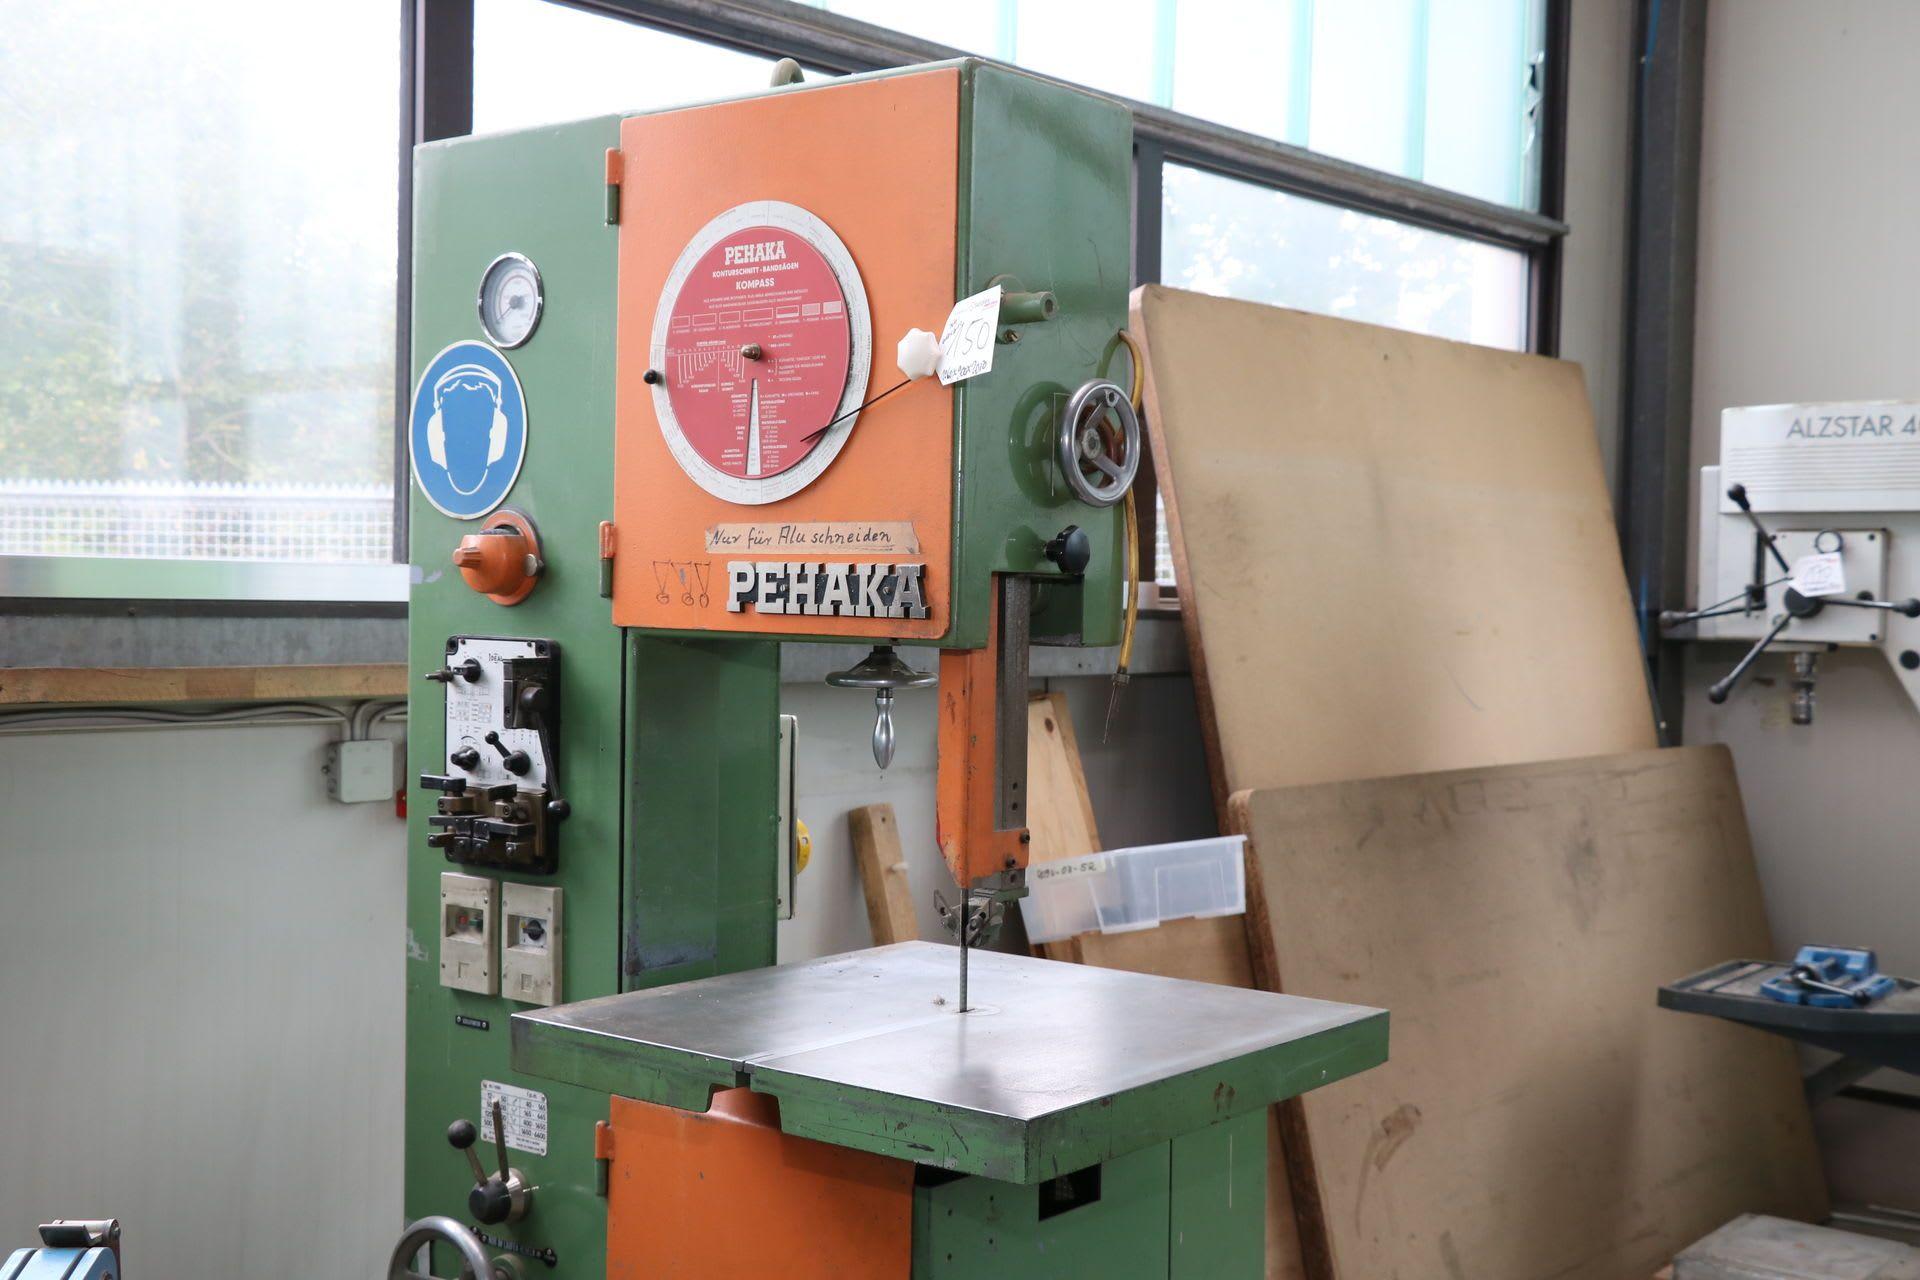 PETZING & HARTMANN USF-4 R Vertikal-Bandsägemaschine